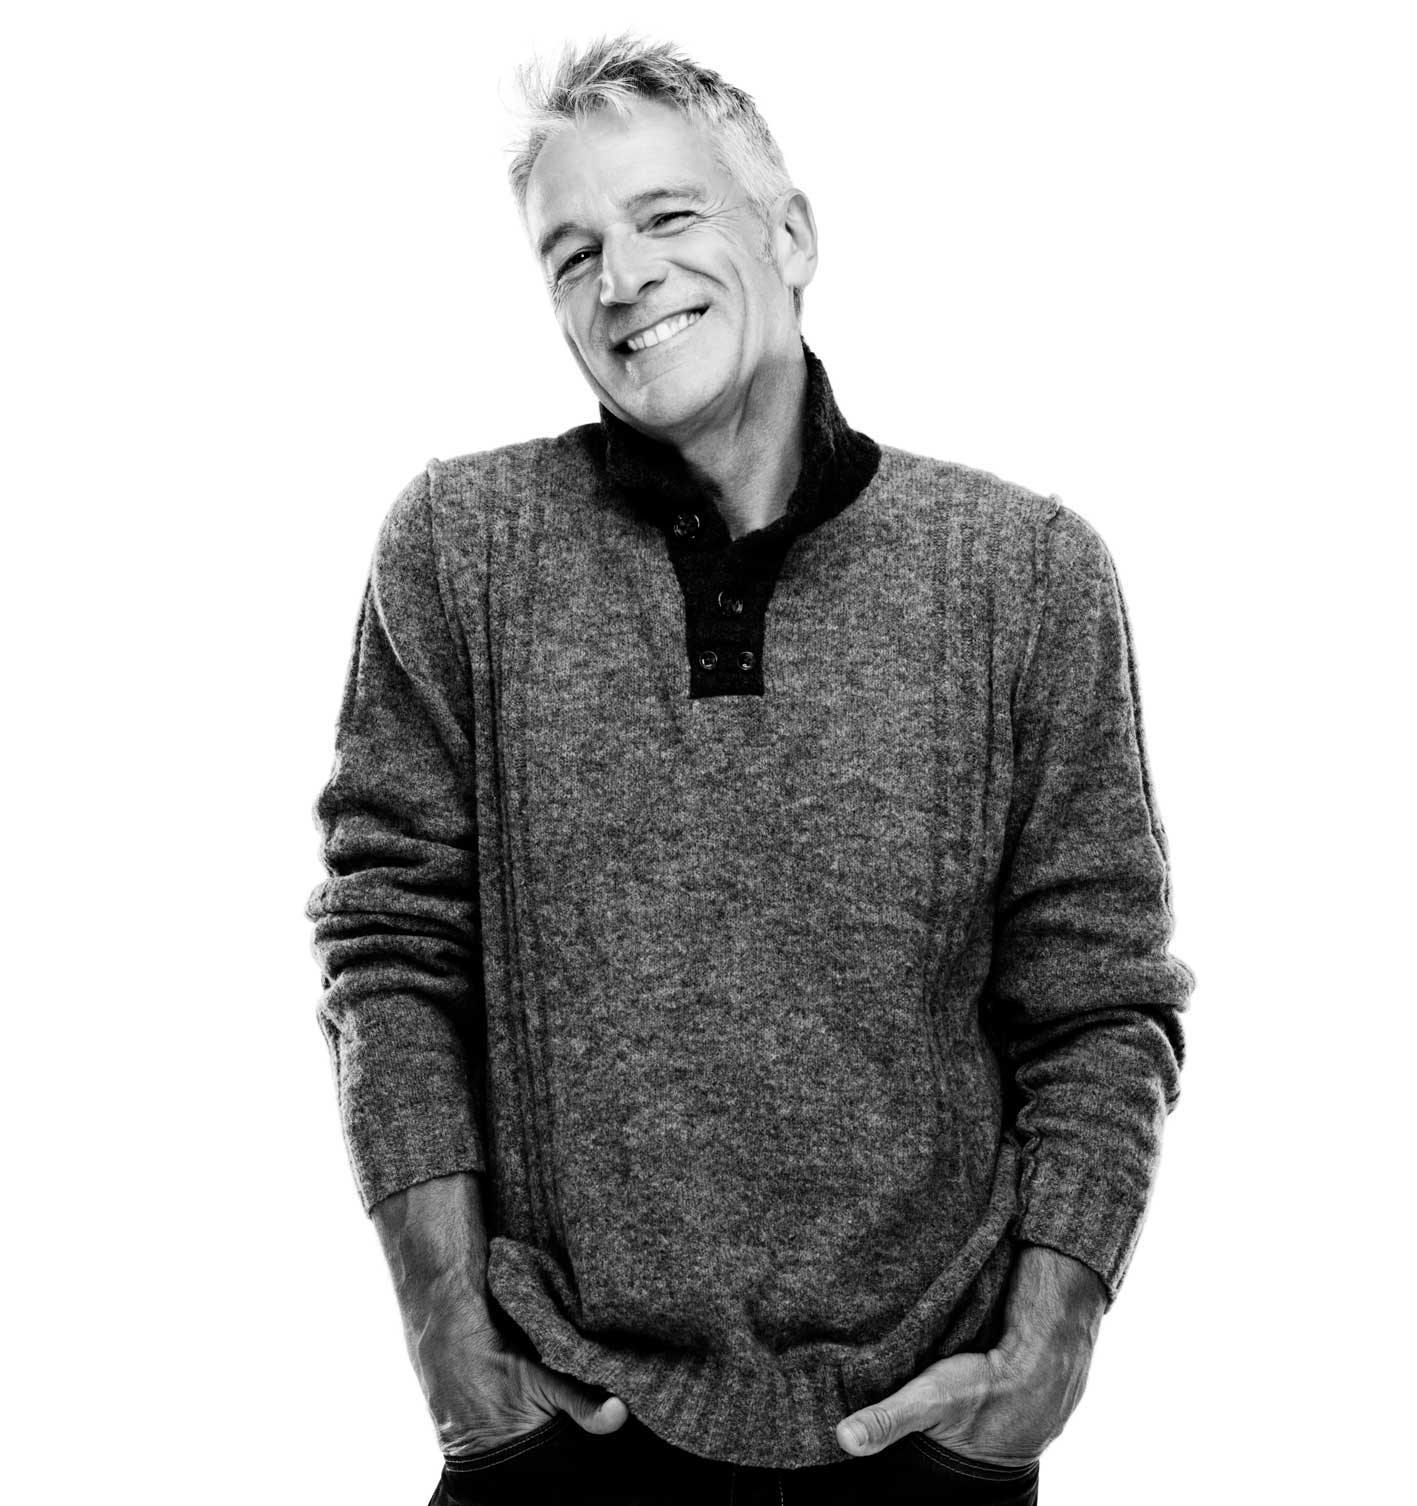 Bild eines lächelnden Mannes gehobenen Alters